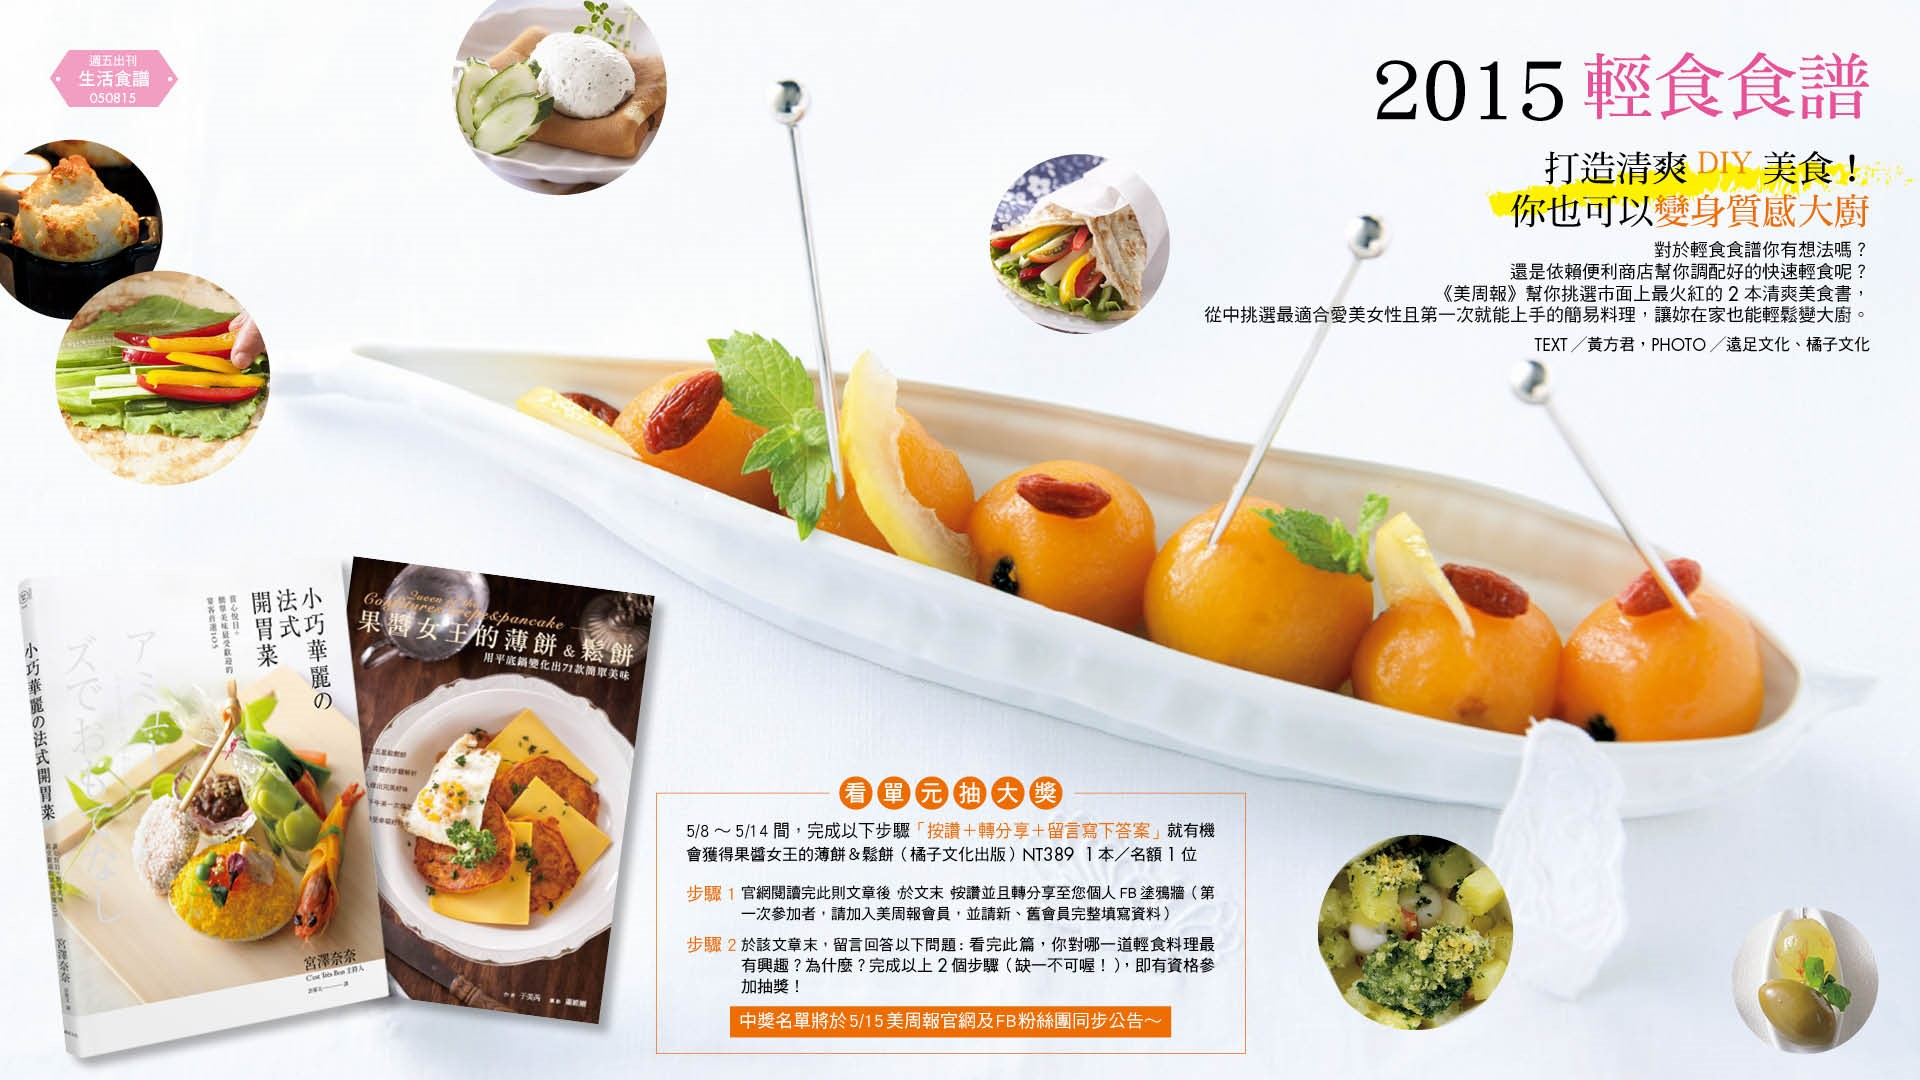 2015輕食食譜 打造清爽DIY美食!